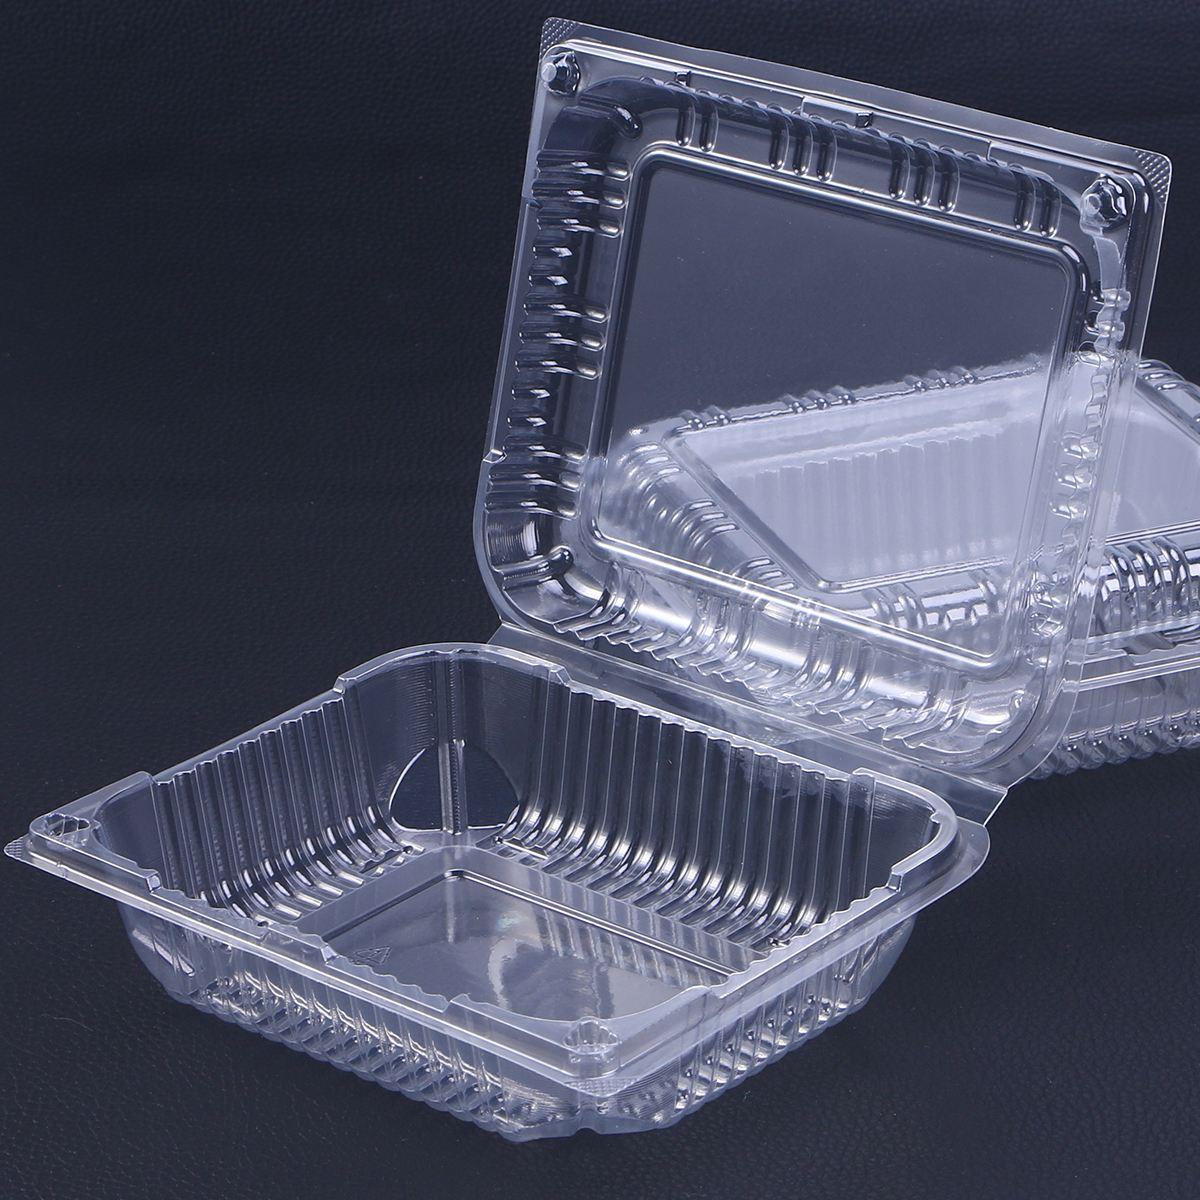 30 pièces boîte jetable Transparent à charnière couvercle plastique aliments à emporter conteneurs pour Desserts Fruits légumes-17.5x14.3x6 cm